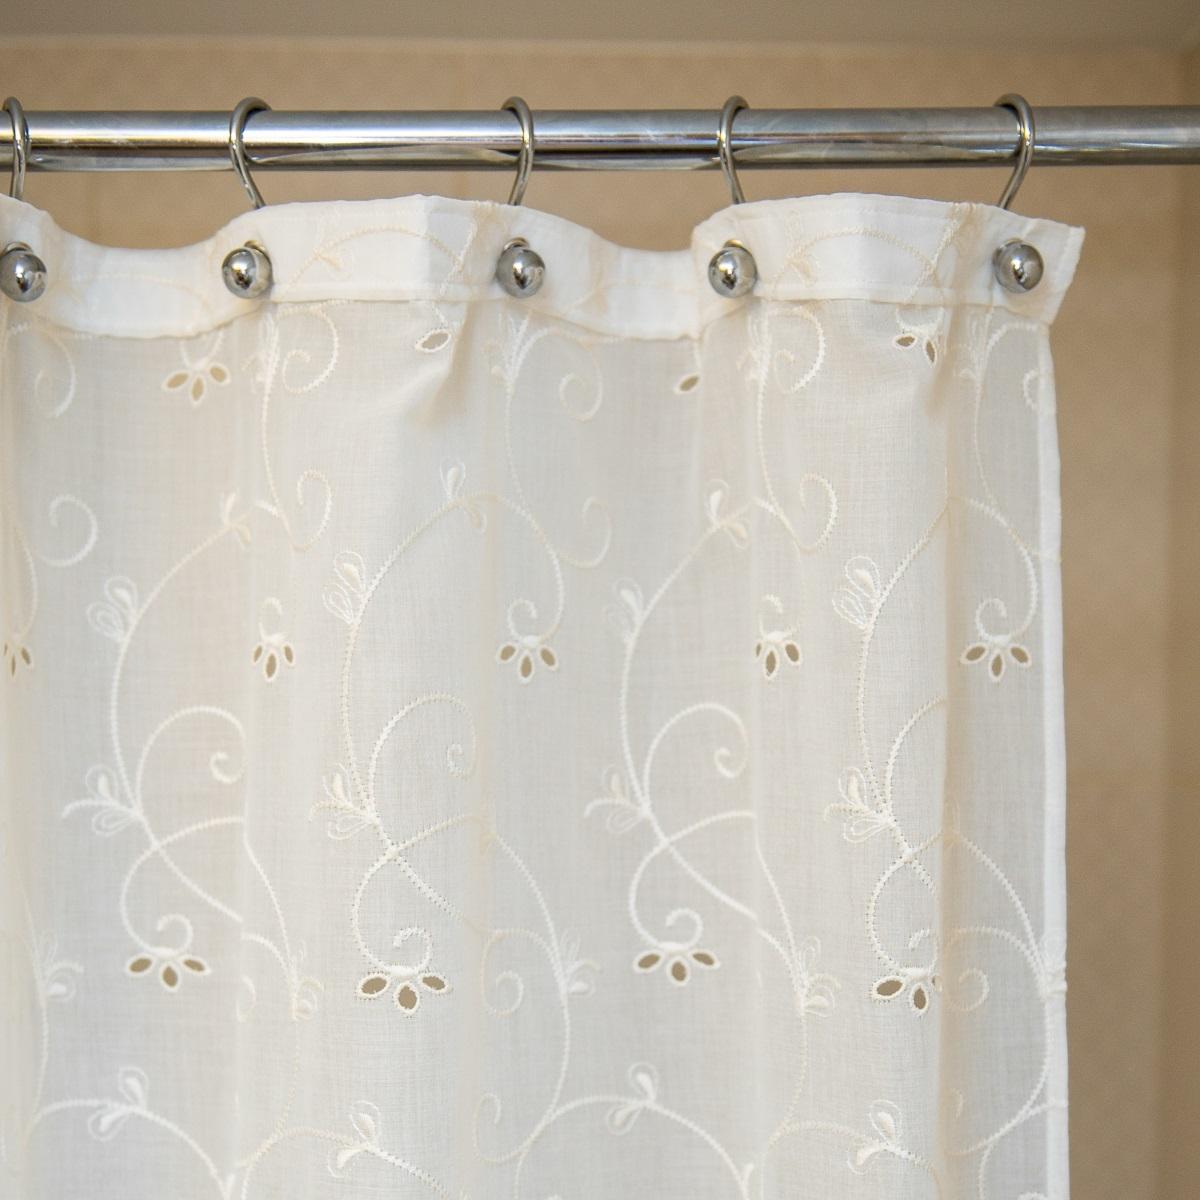 Шторки для ванной Шторка для ванной 200х300 Arti-Deco Embroidery 2803 elitnaya-shtorka-dlya-vannoy-300h200-embrodery-2803-ot-arti-deco-ispaniya.jpg